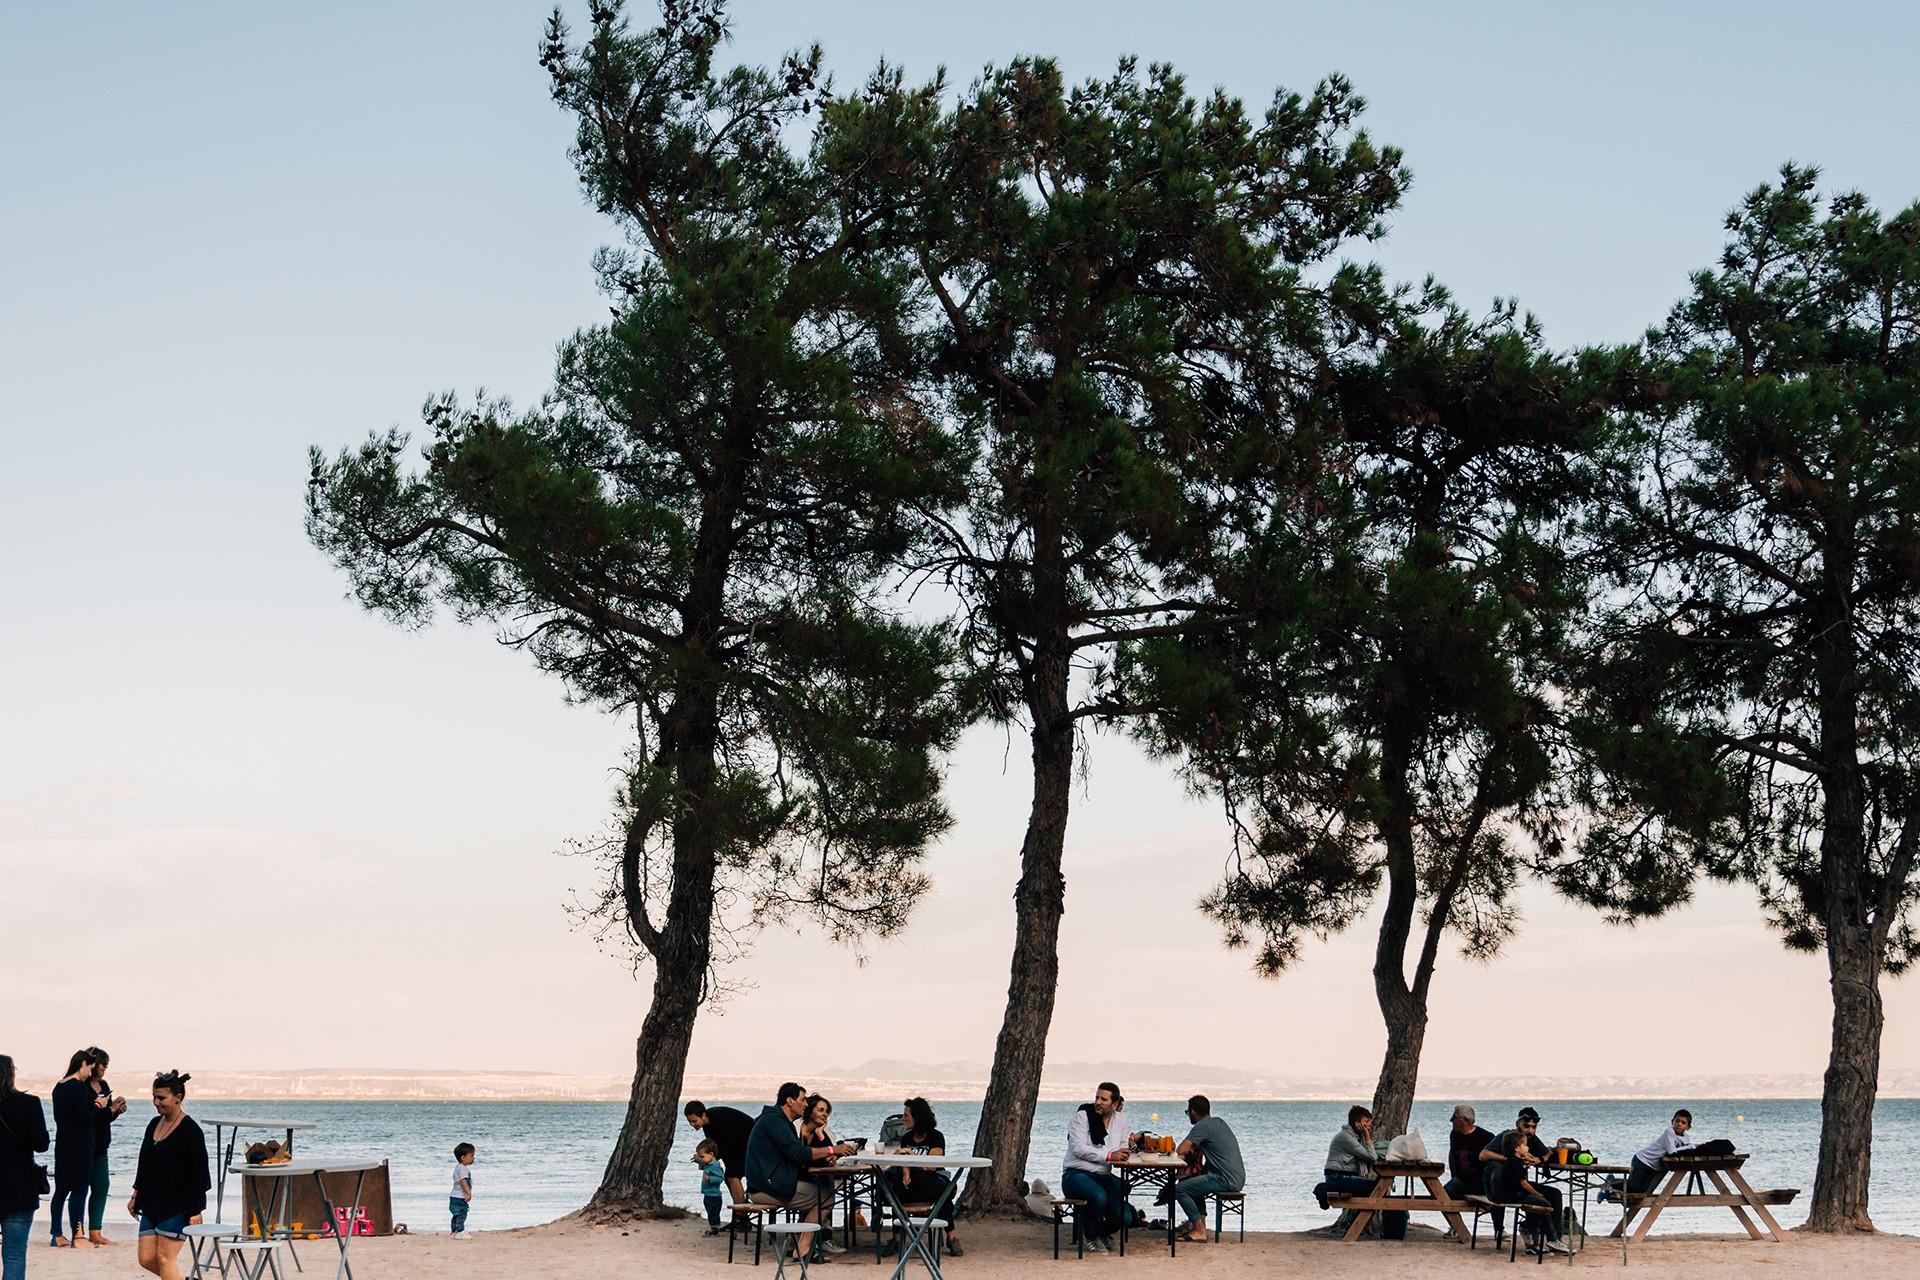 plage-romaniquette-guinguette-tbc-57522